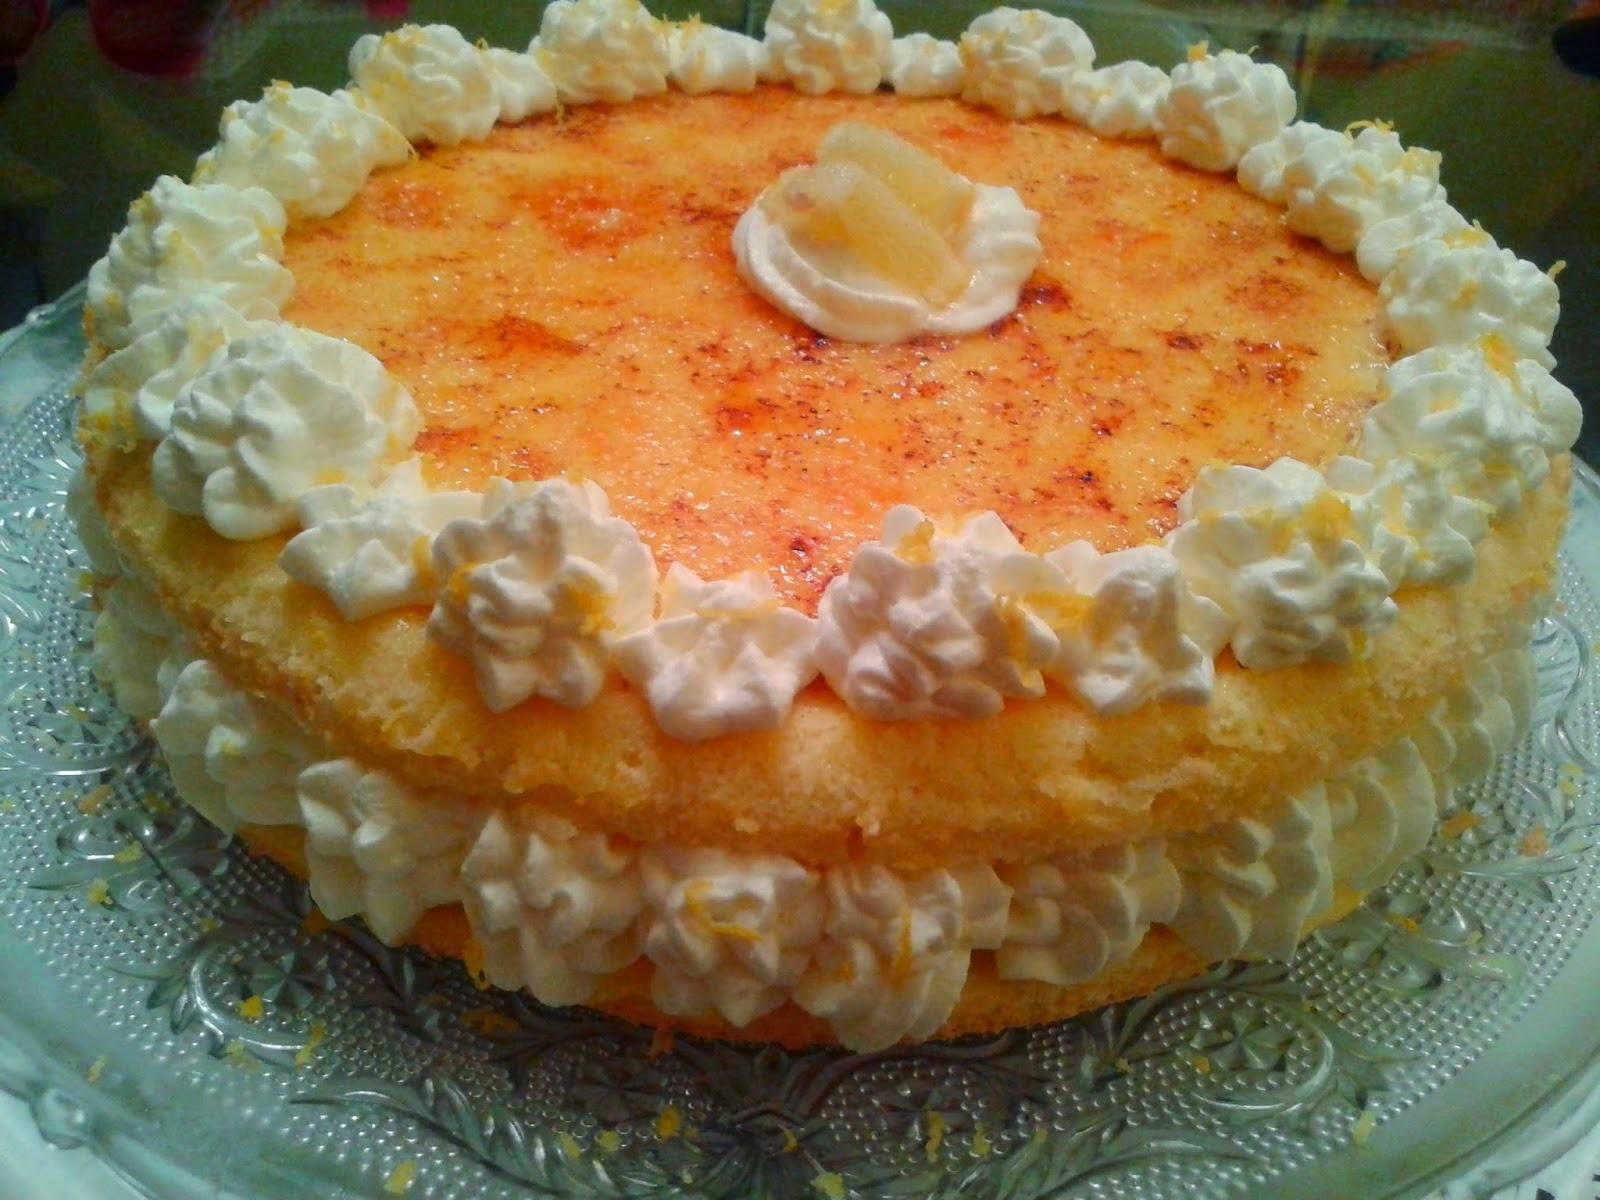 Tarta con Crema de Limón Caramelizado